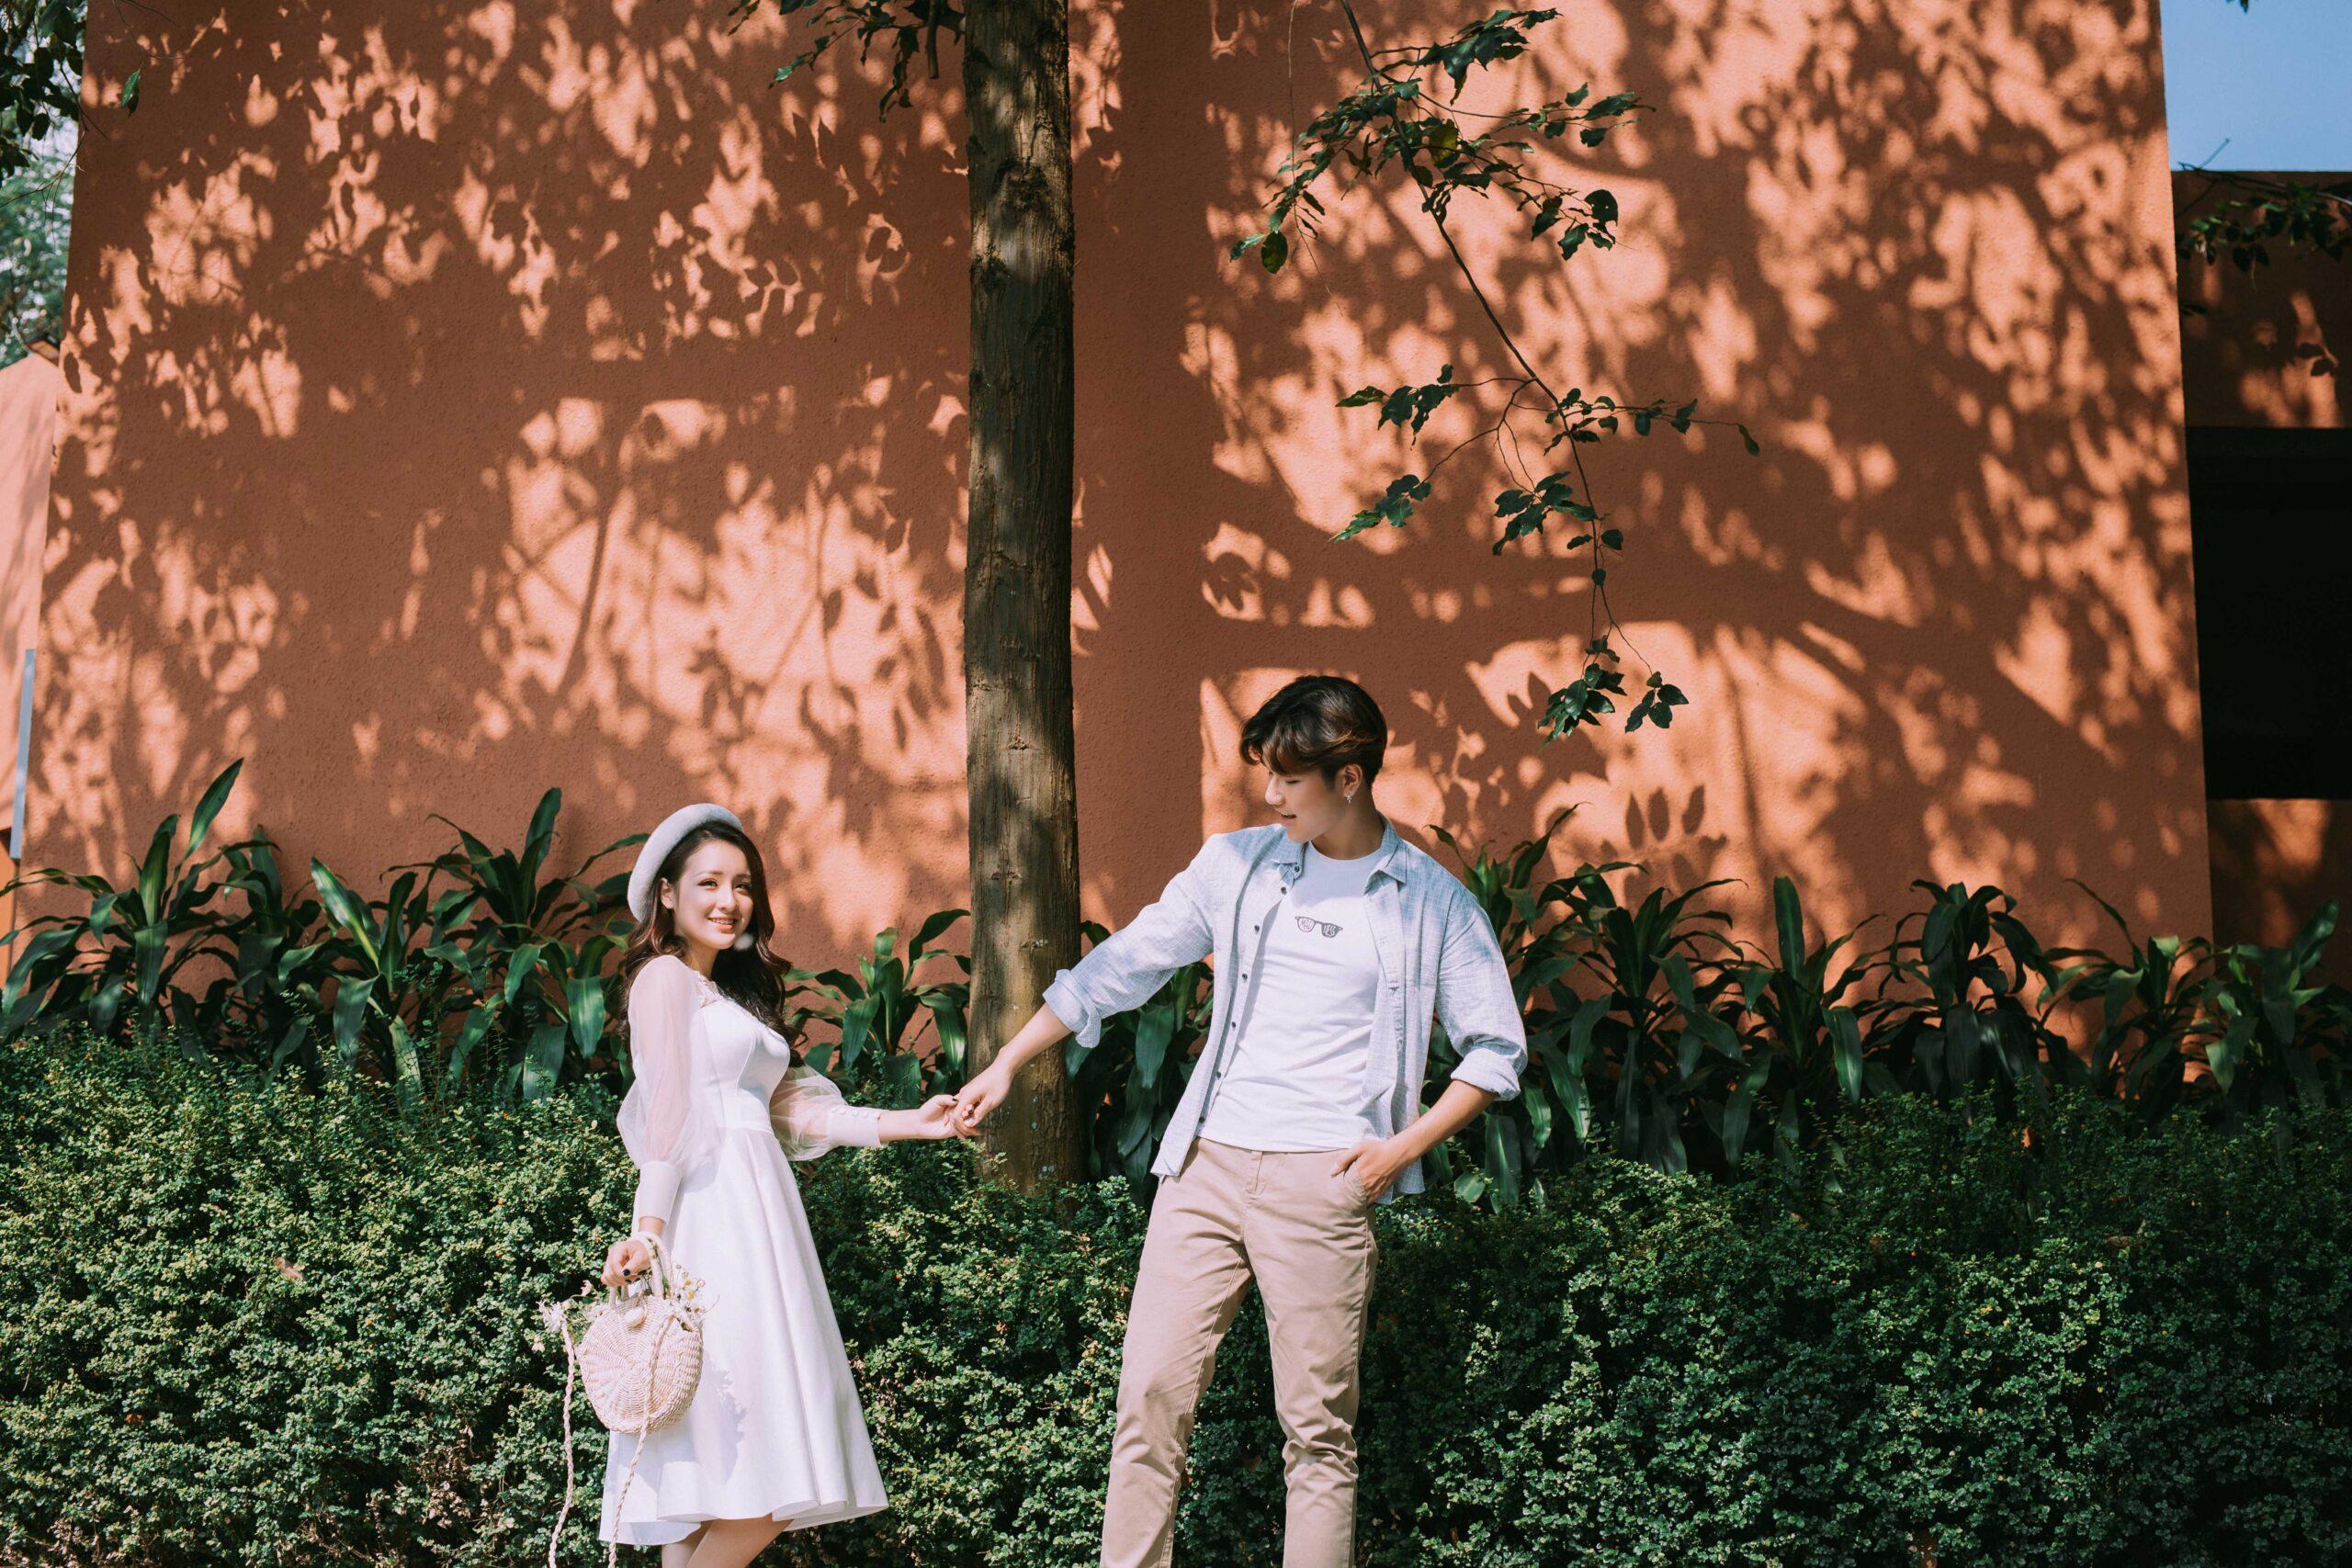 Quay và chụp phóng chụp sự cưới